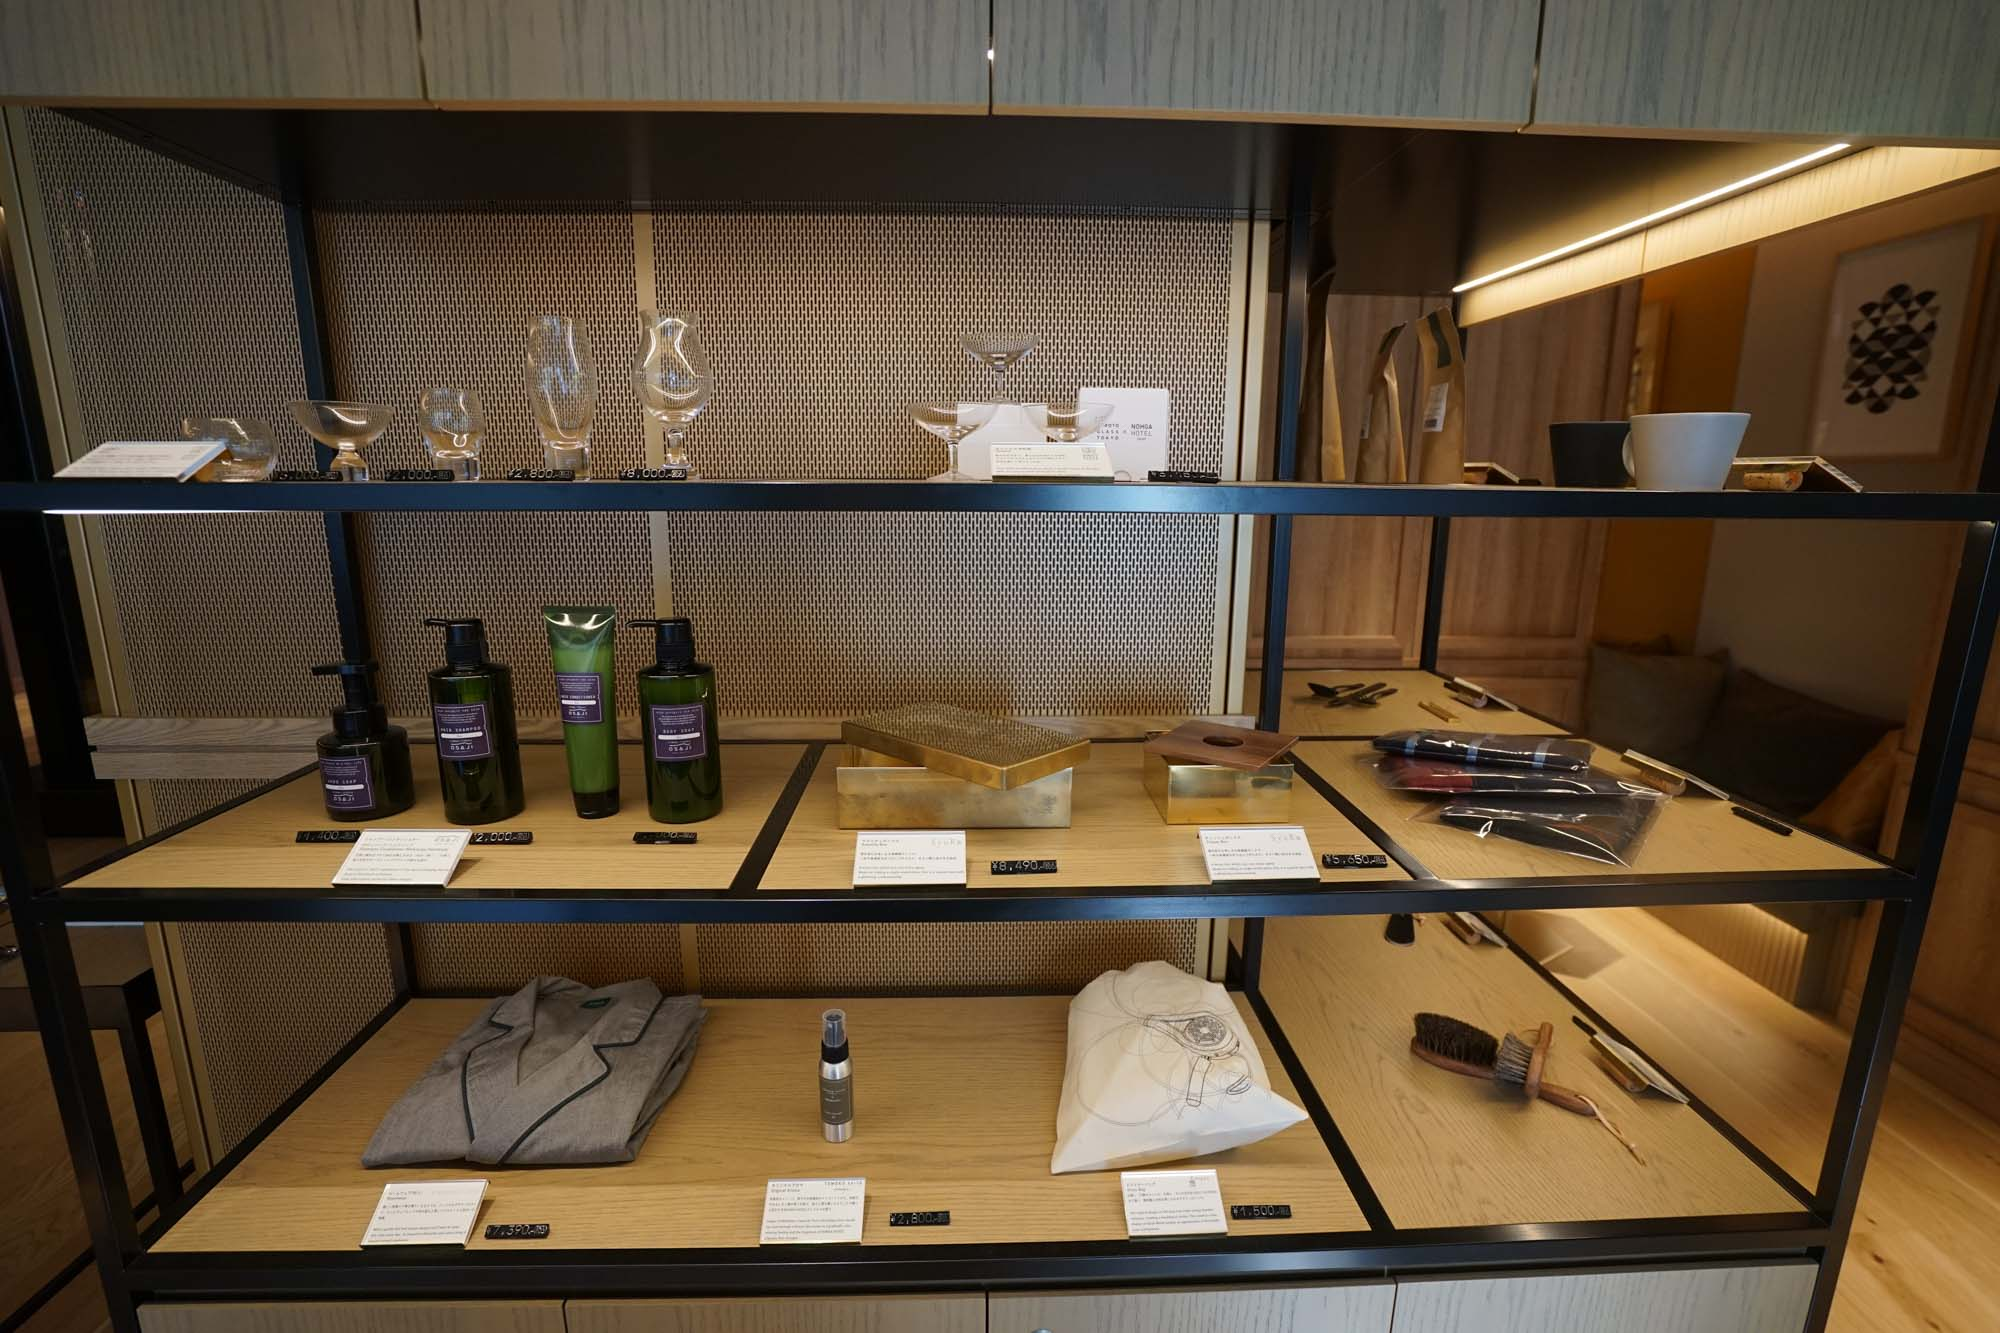 一部のプロダクトはホテル内で販売もされています。